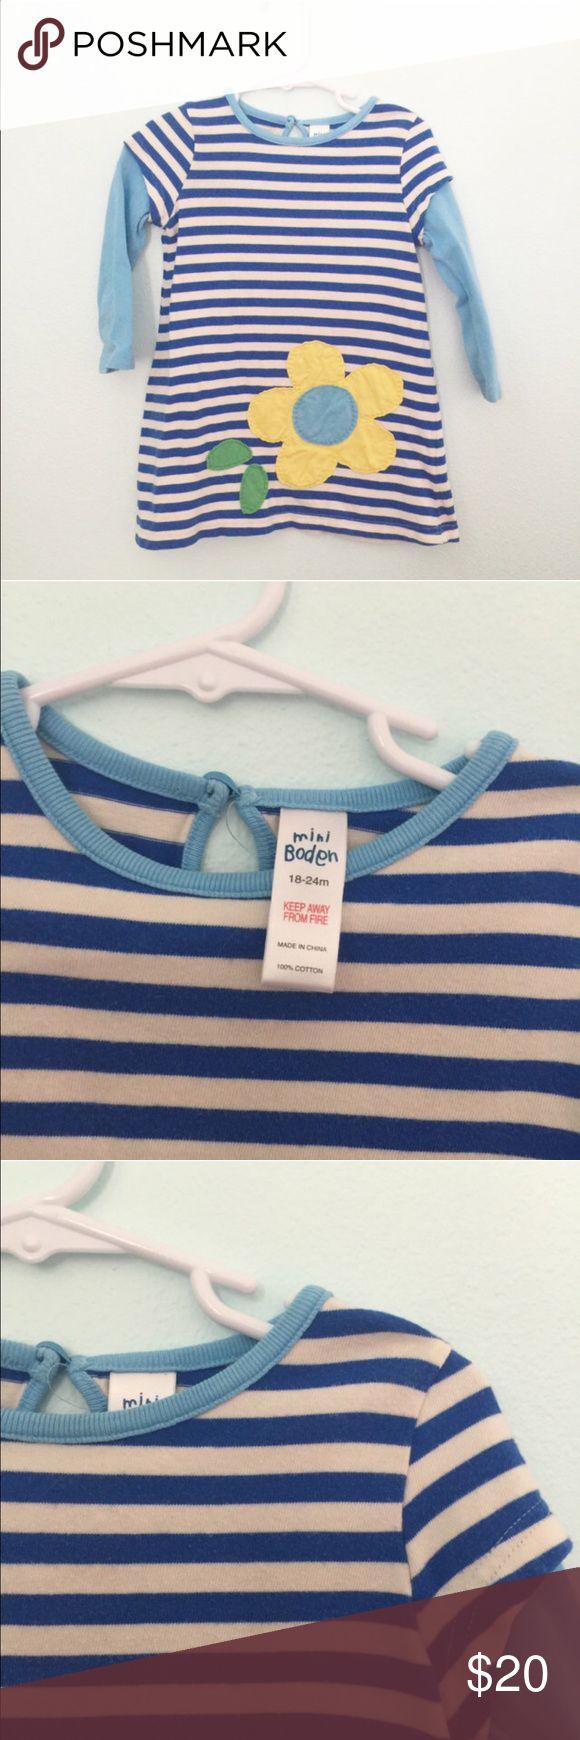 Mini Boden dress Blue striped flower appliqué dress #appliqué  #miniboden #stripes #blue Mini Boden Dresses Casual